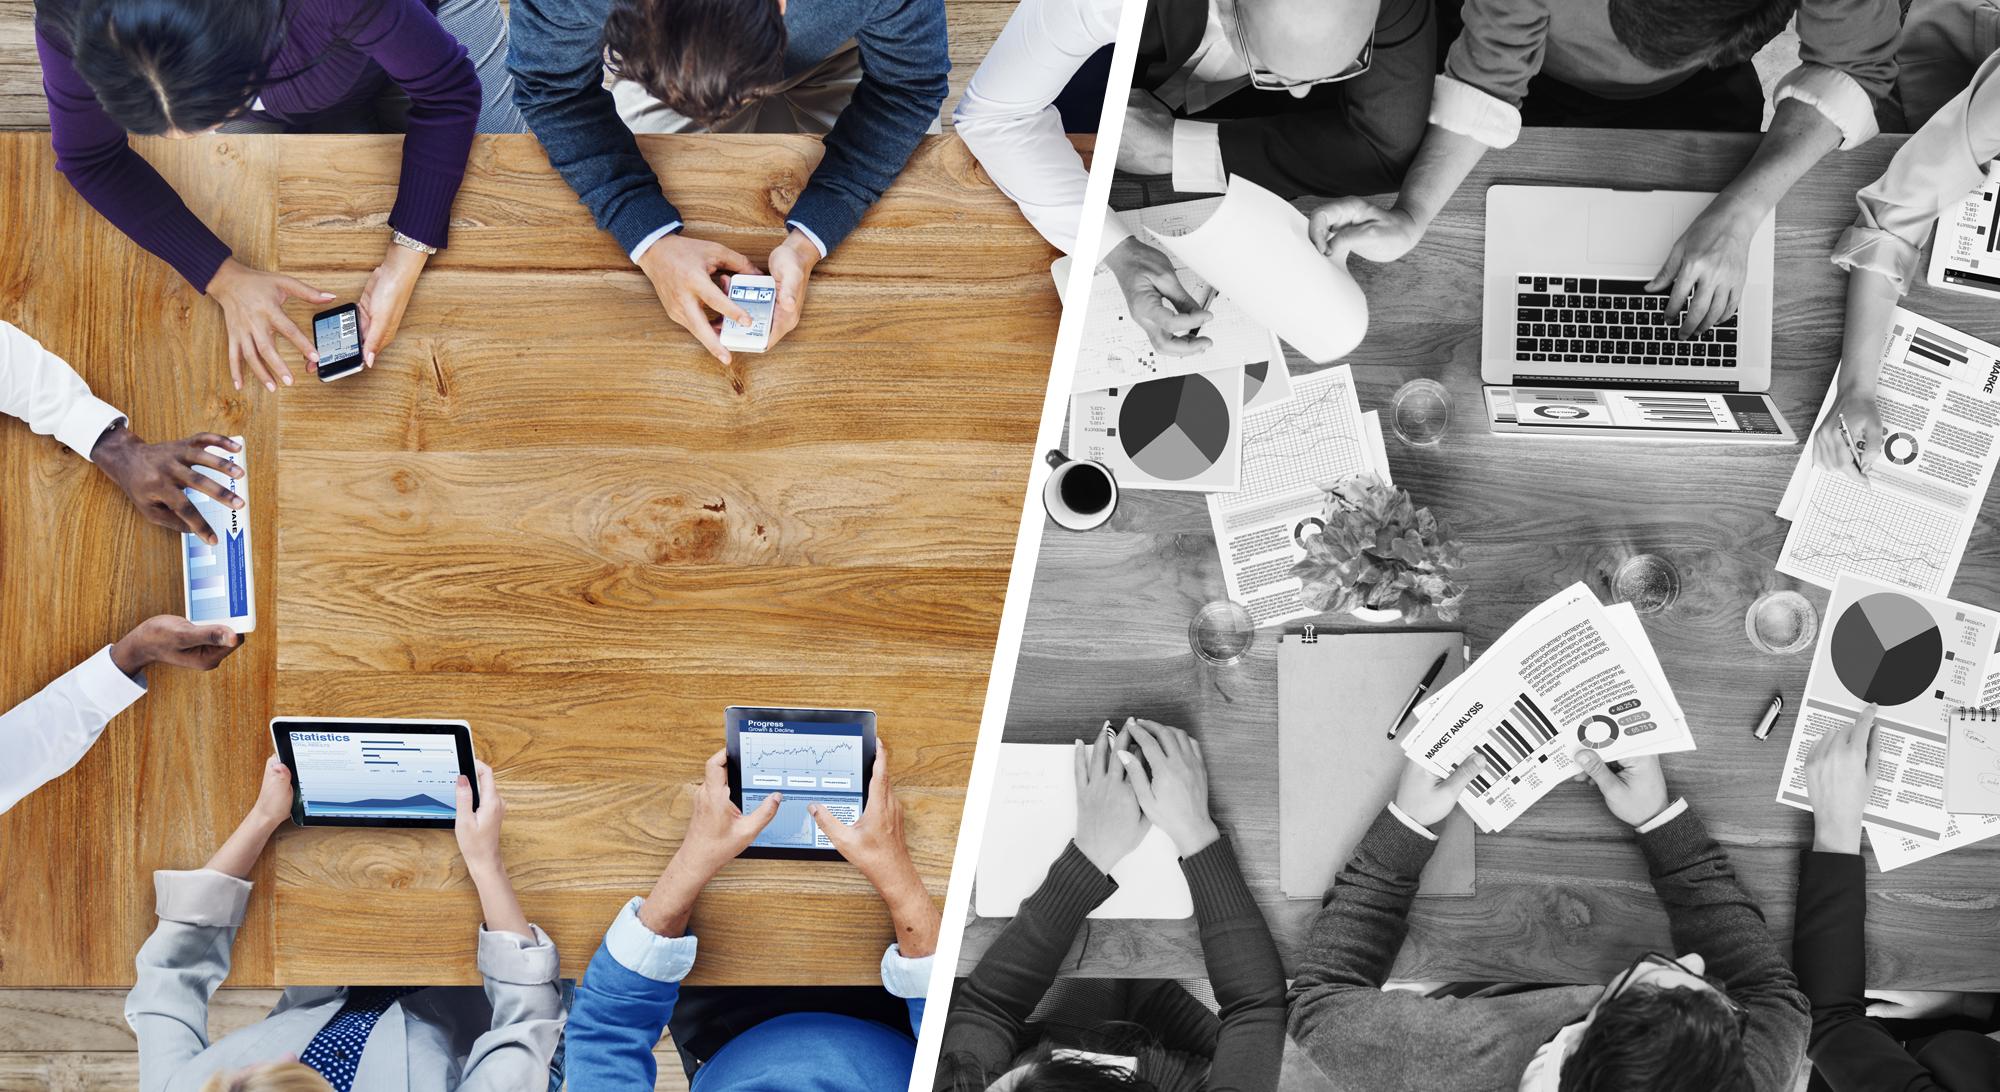 Comment gérer les nouvelles technologies dans les salles de réunion?